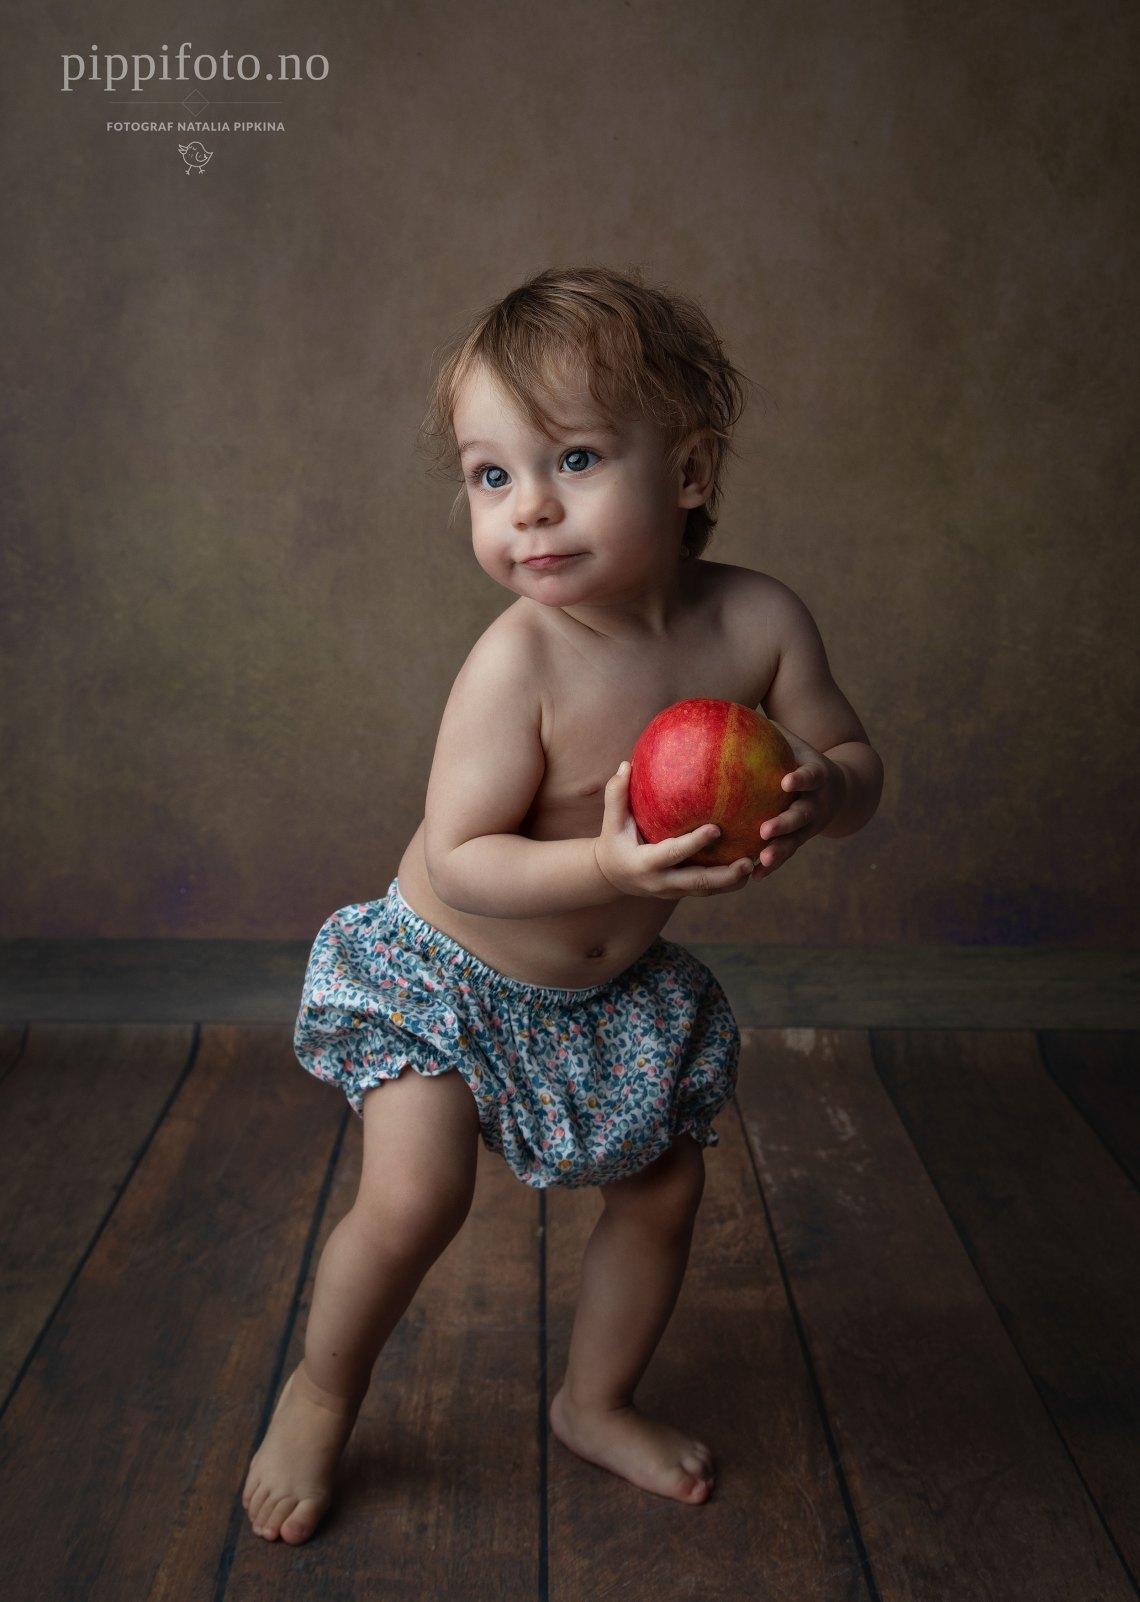 barnfotografering-oslo-1årsfotografering